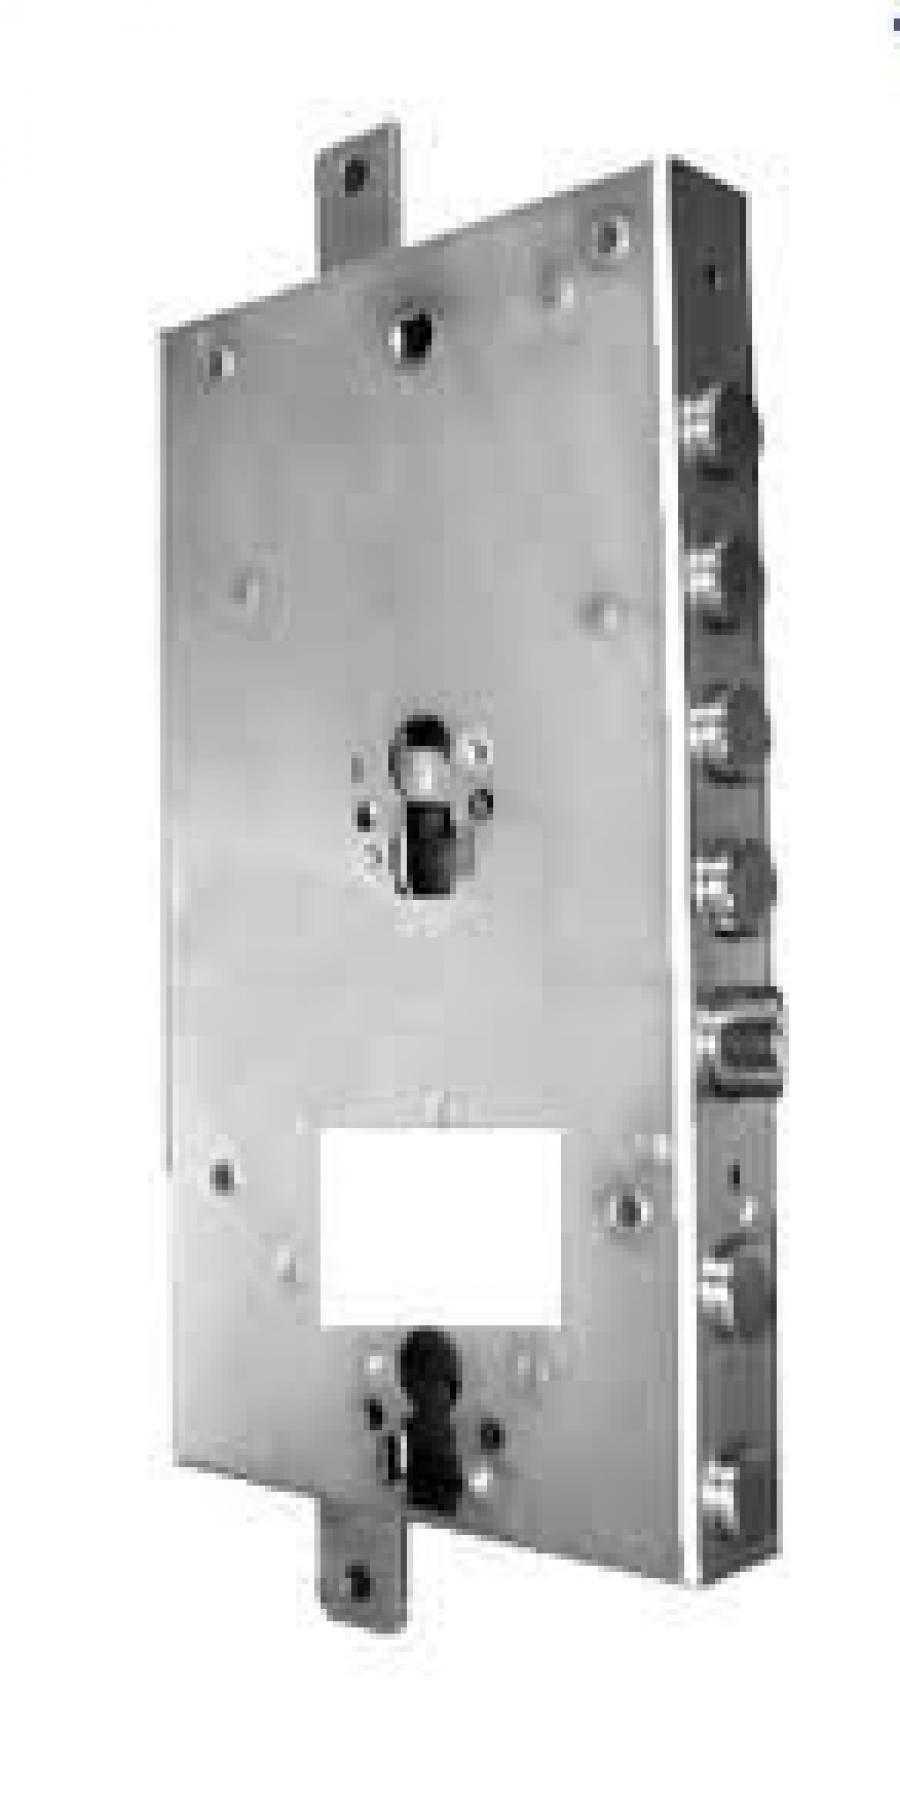 Listino prezzi serrature porte blindate dierre for Cilindro europeo prezzi